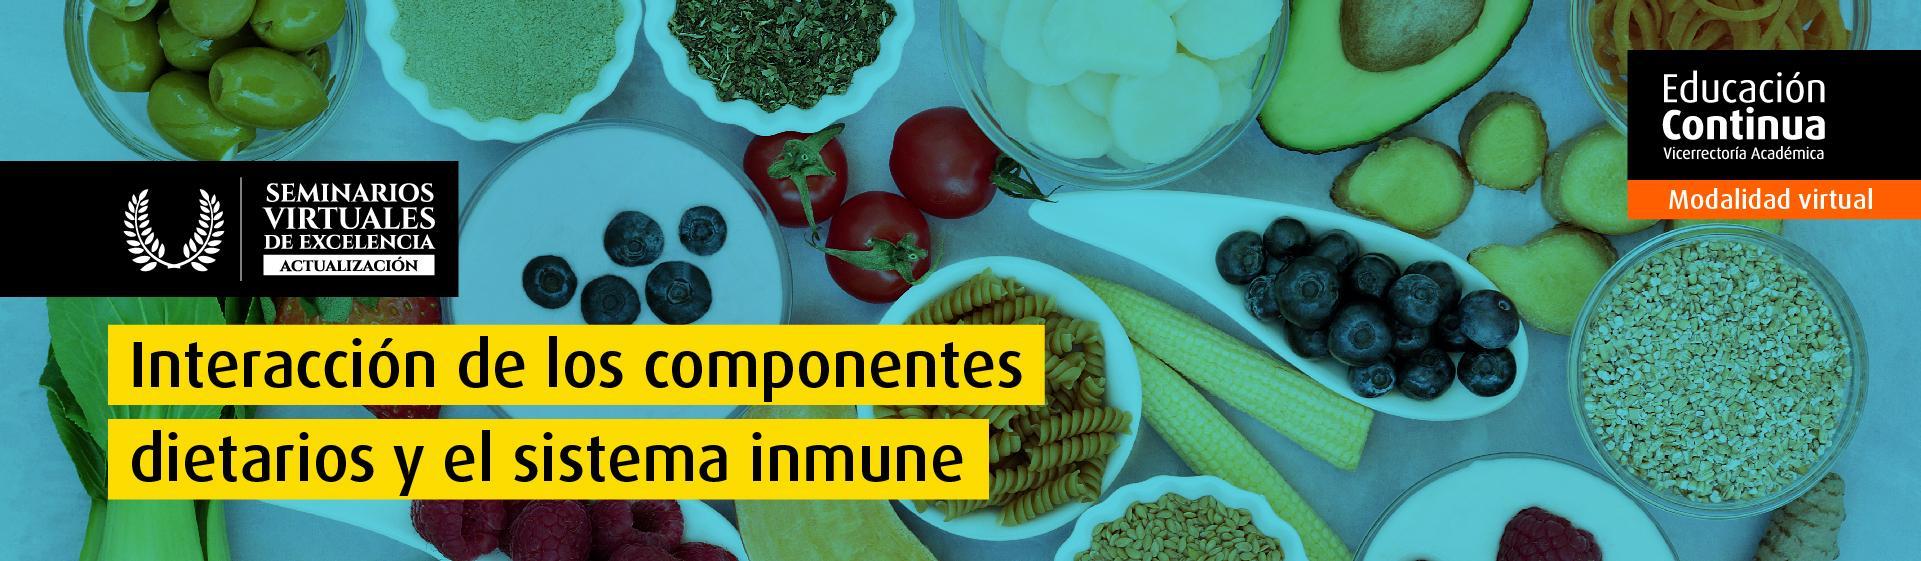 seminario virtual excelencia componentes dietarios ingenieria quimica alimentos uniandes